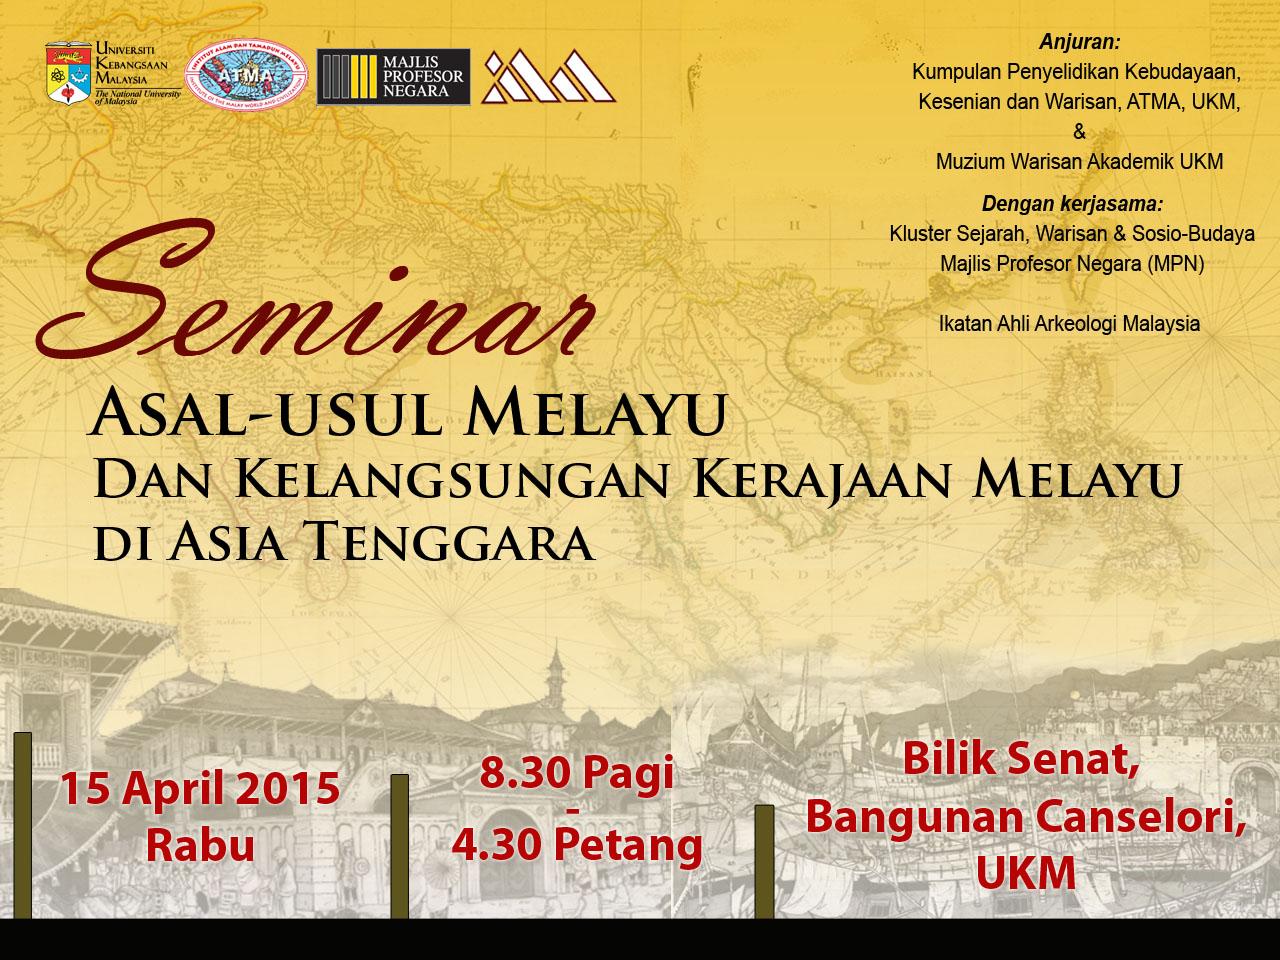 Seminar Asal Usul Melayu